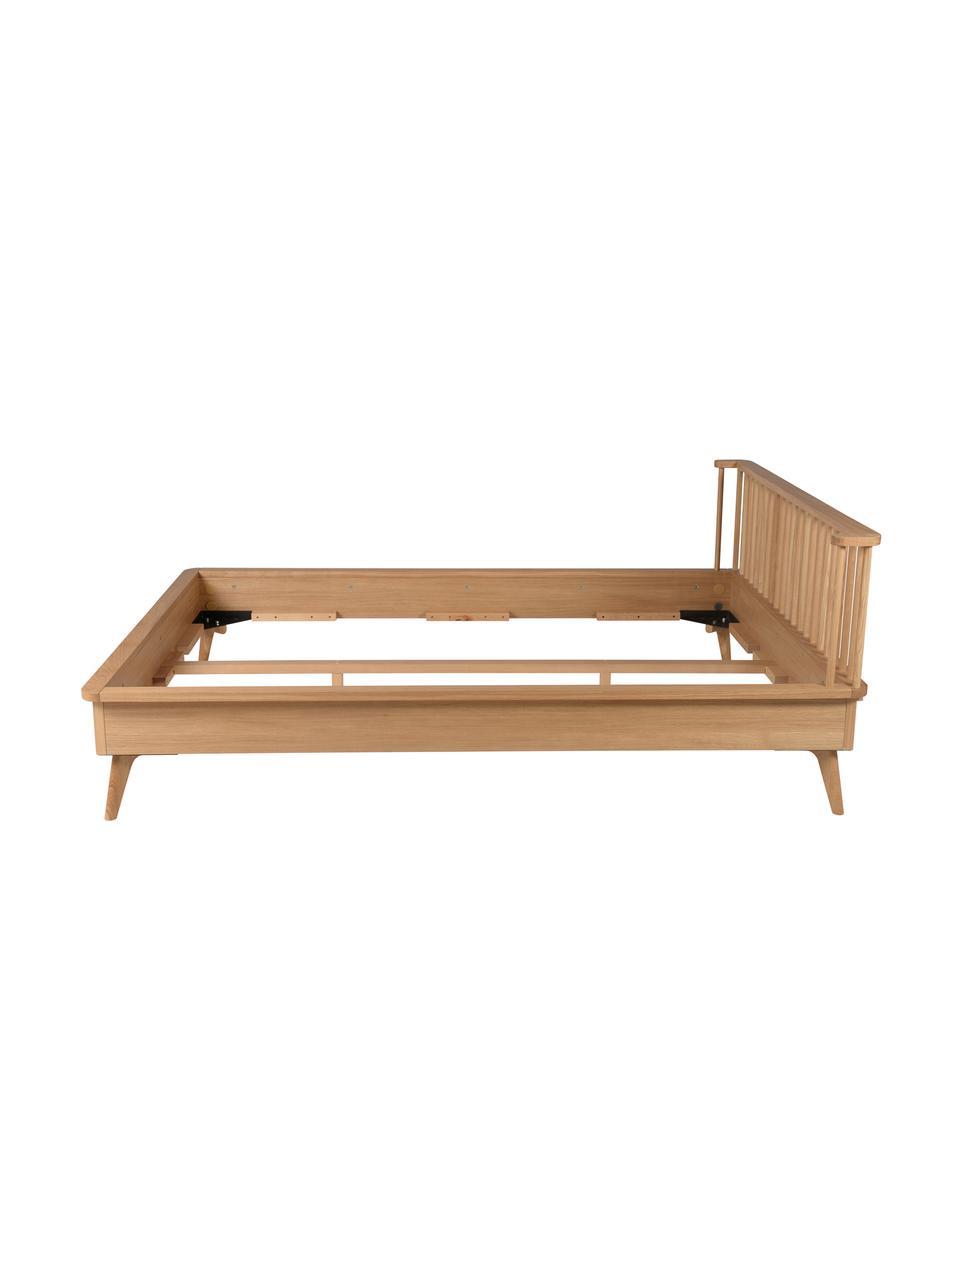 Letto in legno Wild, Pannello di fibra a media densità (MDF) con finitura in legno di quercia, Legno di quercia, 160 x 200 cm